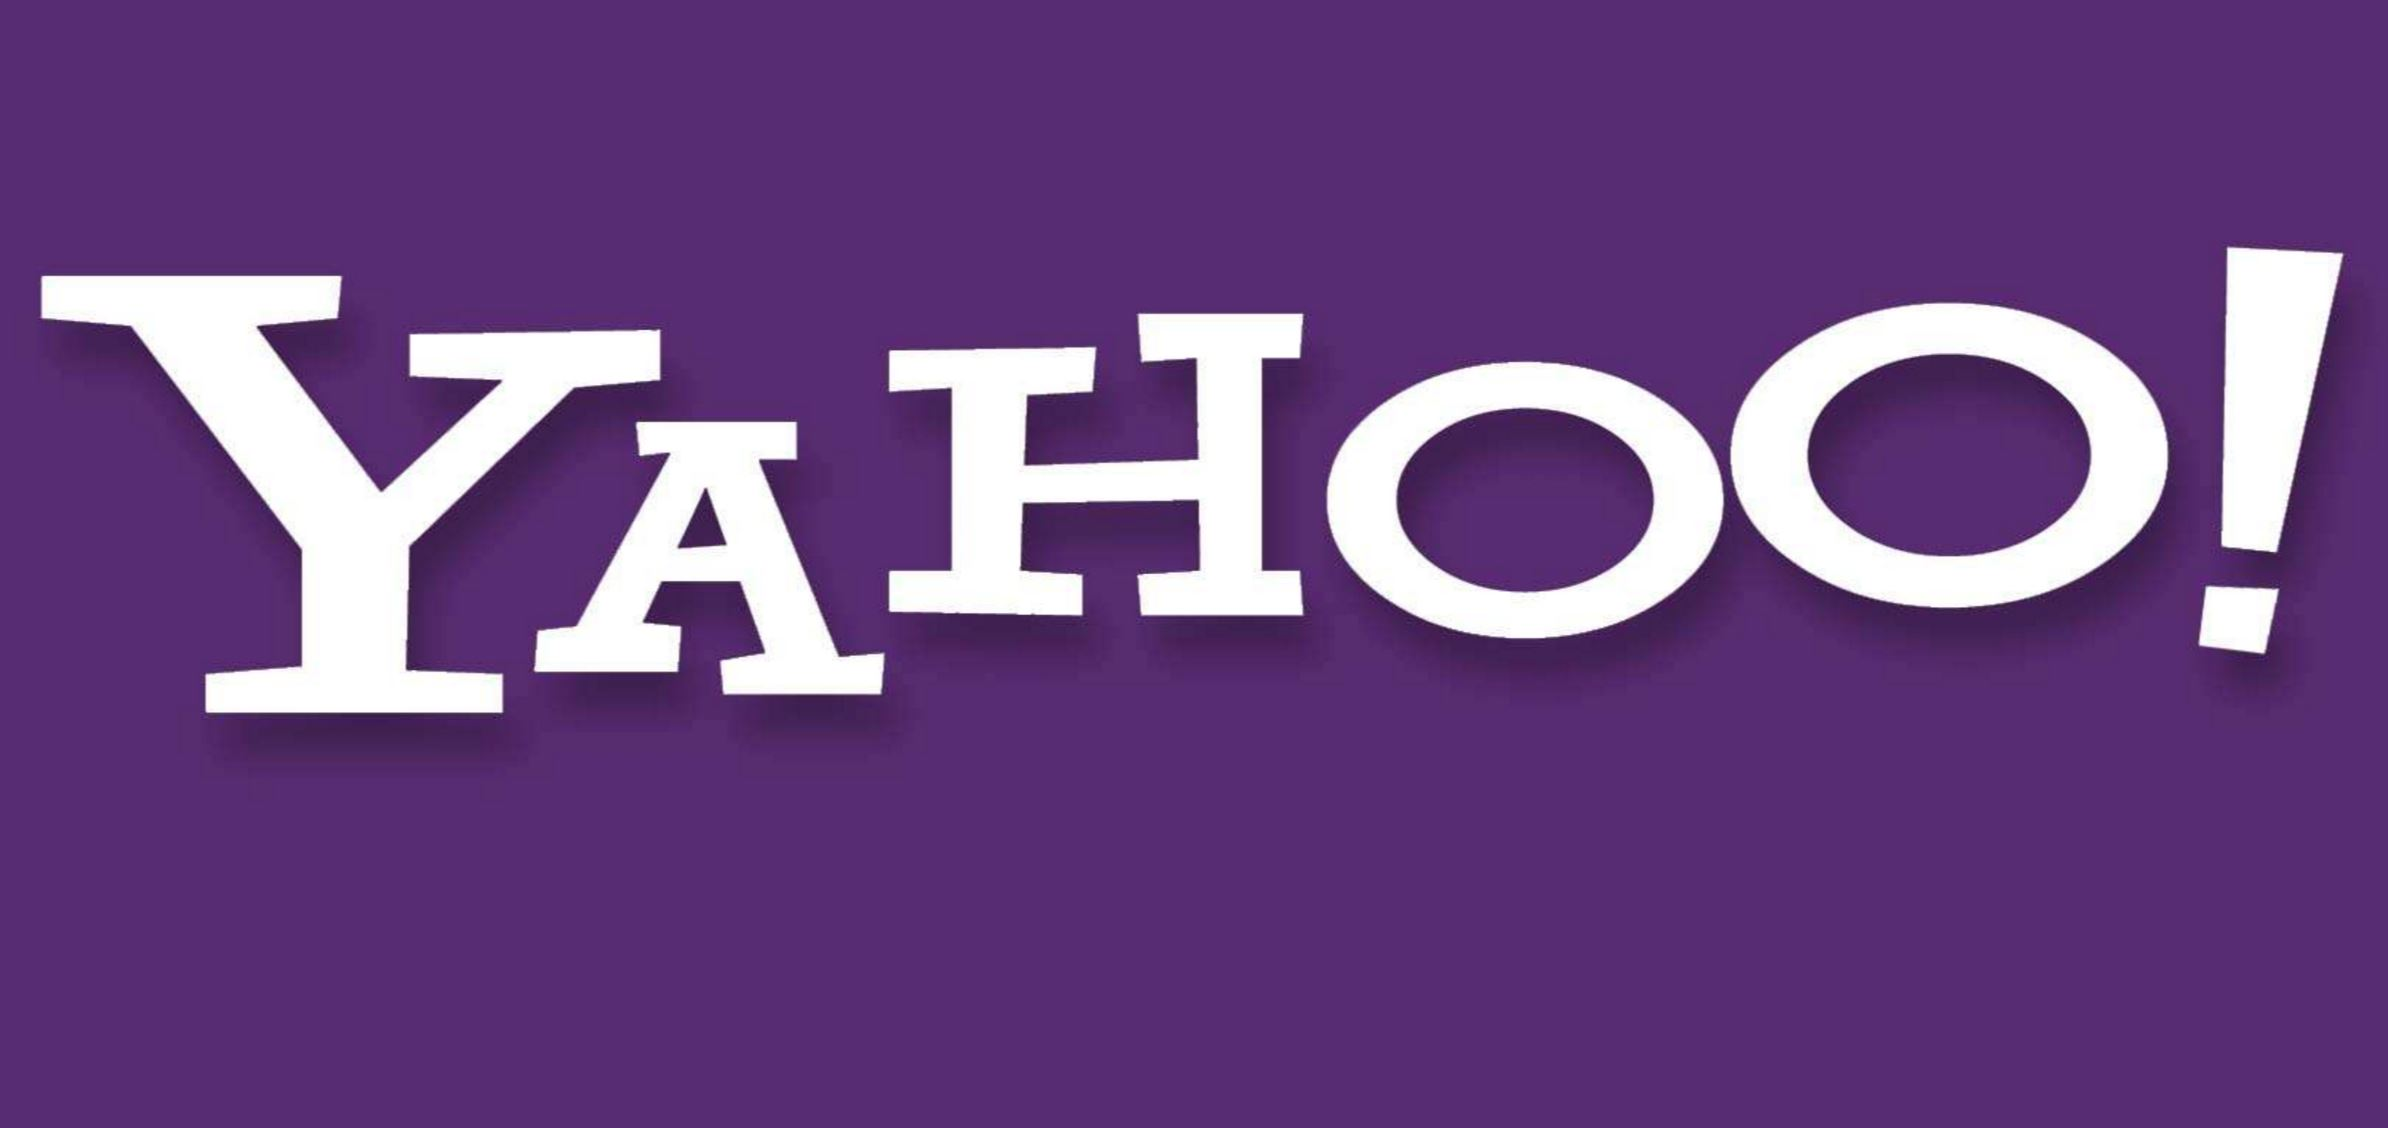 Yahoo espió los emails de sus clientes a petición del gobierno de EEUU